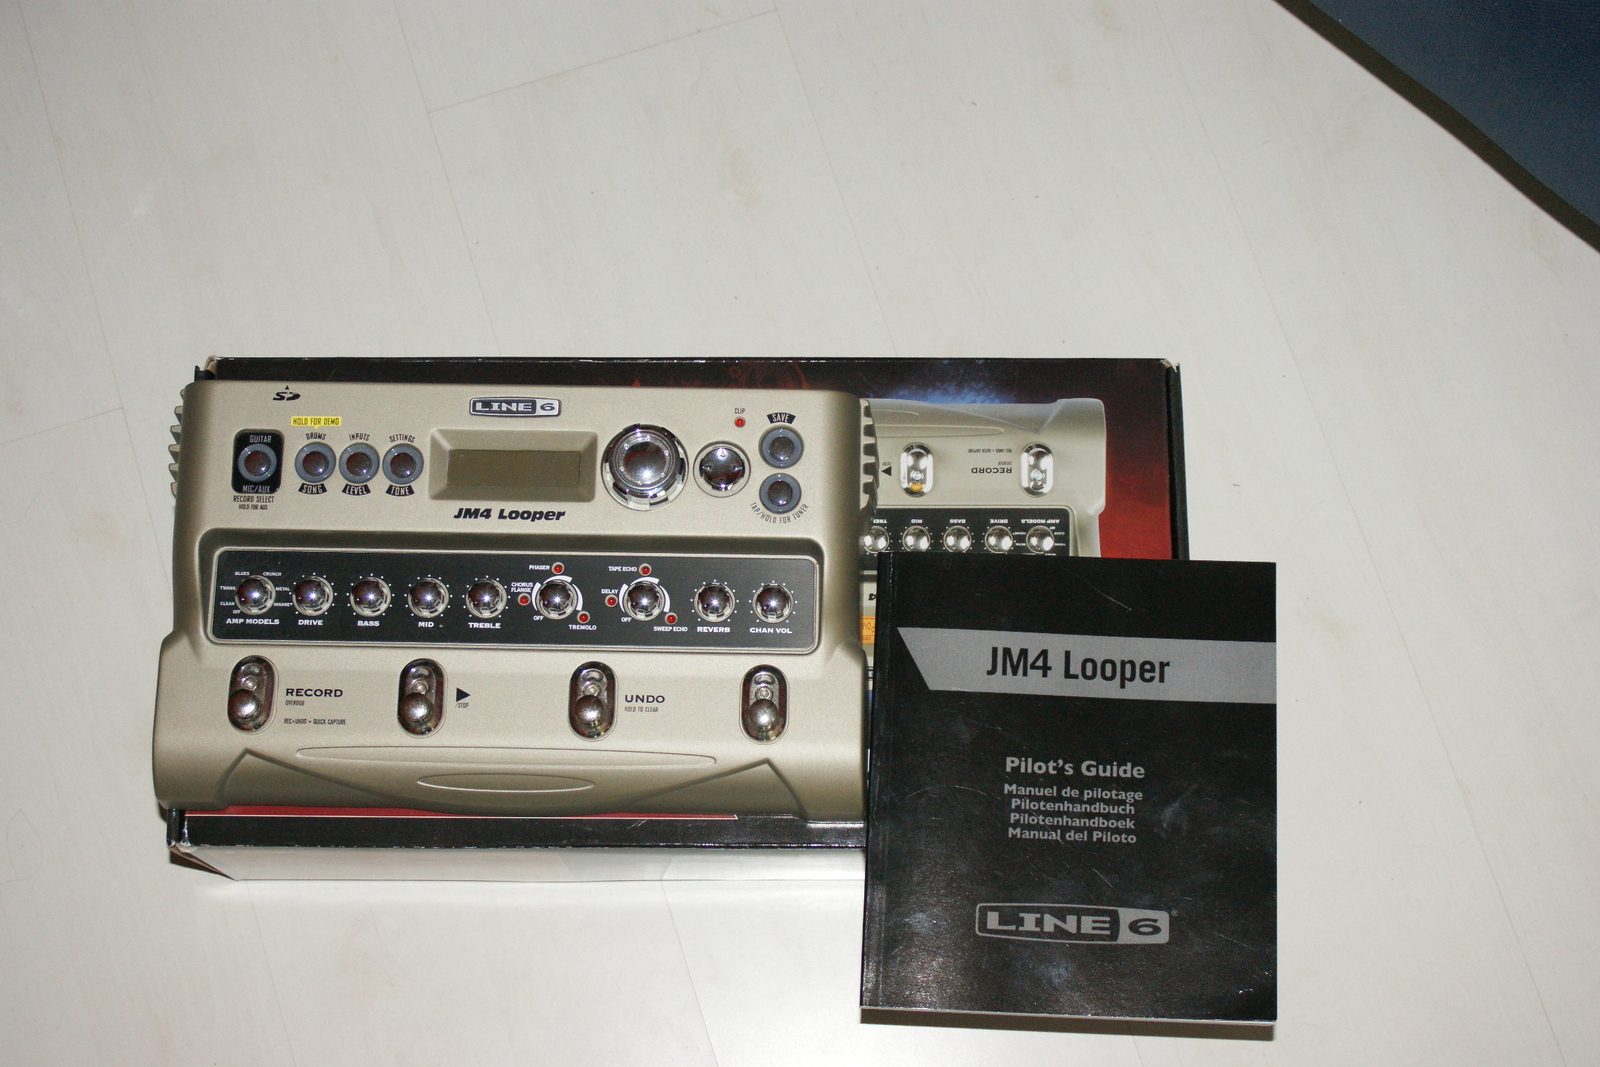 line 6 jm4 looper image 183268 audiofanzine rh en audiofanzine com Line 6 JM4 Looper Line 6 JM4 Looper Demo